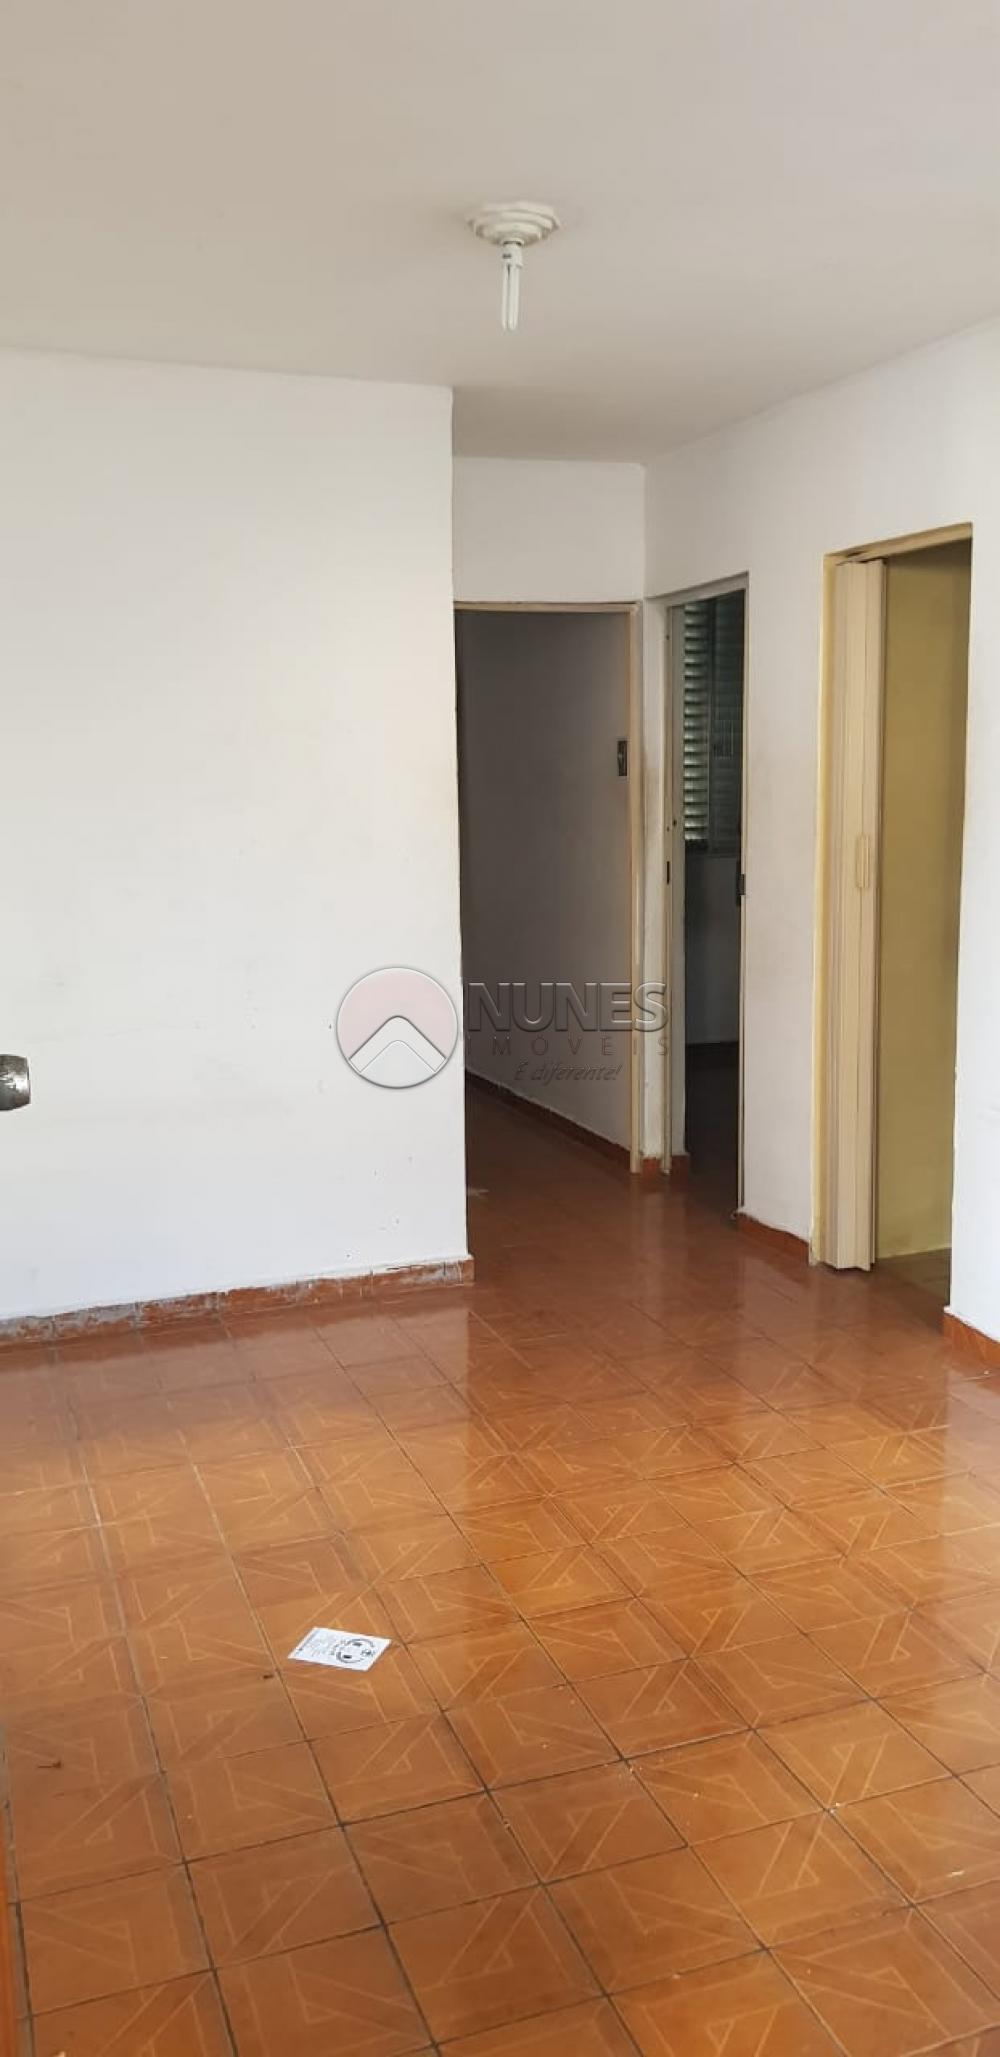 Comprar Apartamento / Padrão em Carapicuíba apenas R$ 130.000,00 - Foto 1